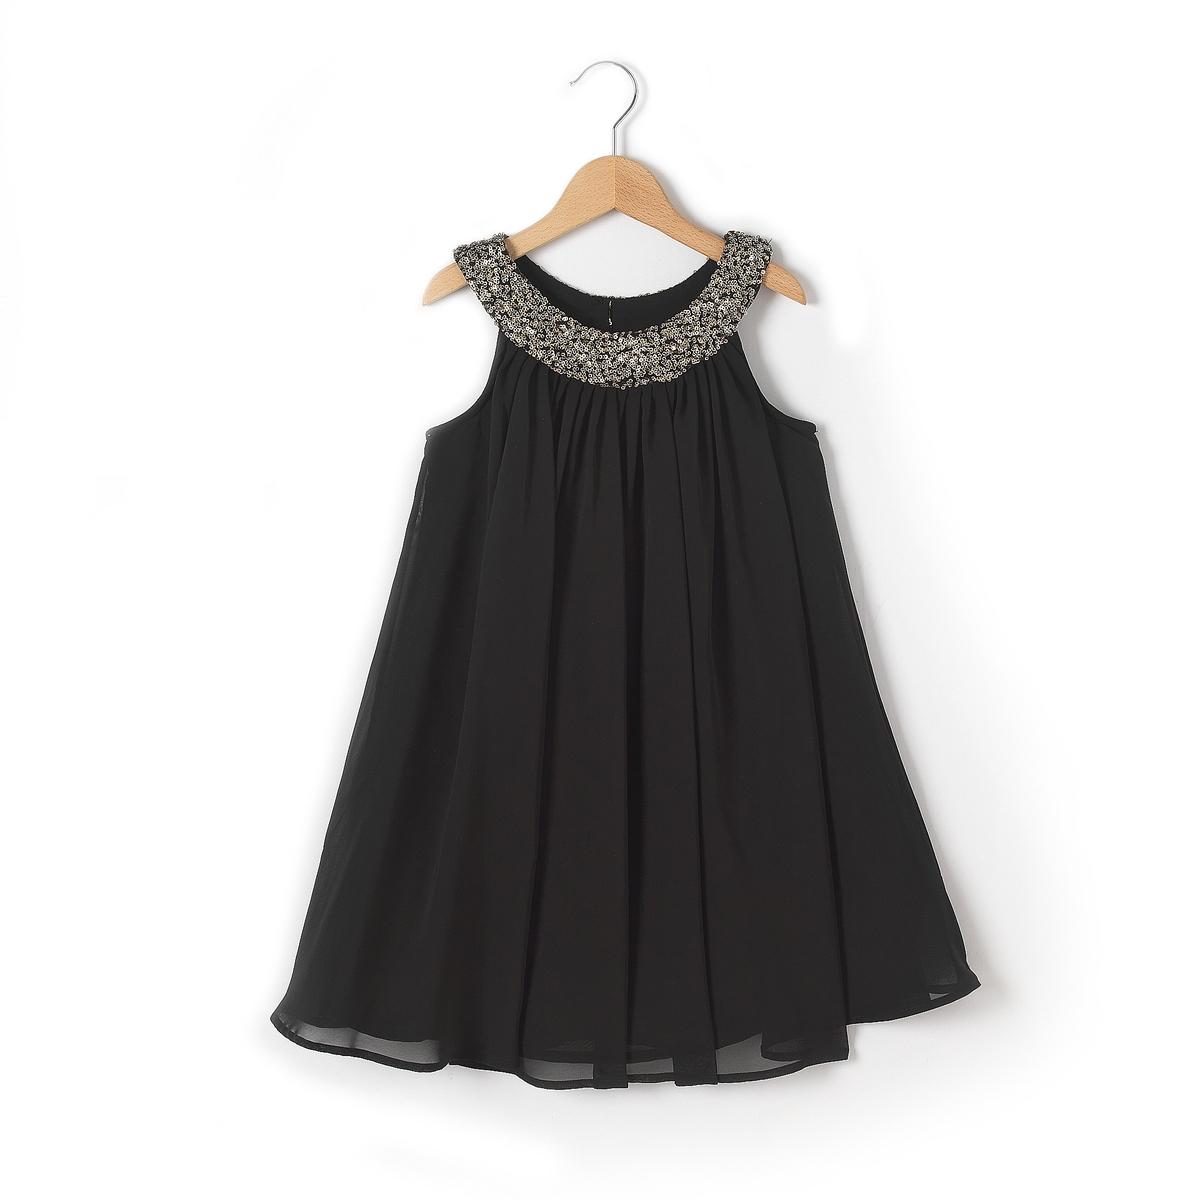 Платье с украшениемДля возраста от 3 до 5 лет украшение заменено на принт по причинам безопасности.<br><br>Цвет: черный<br>Размер: 8 лет - 126 см